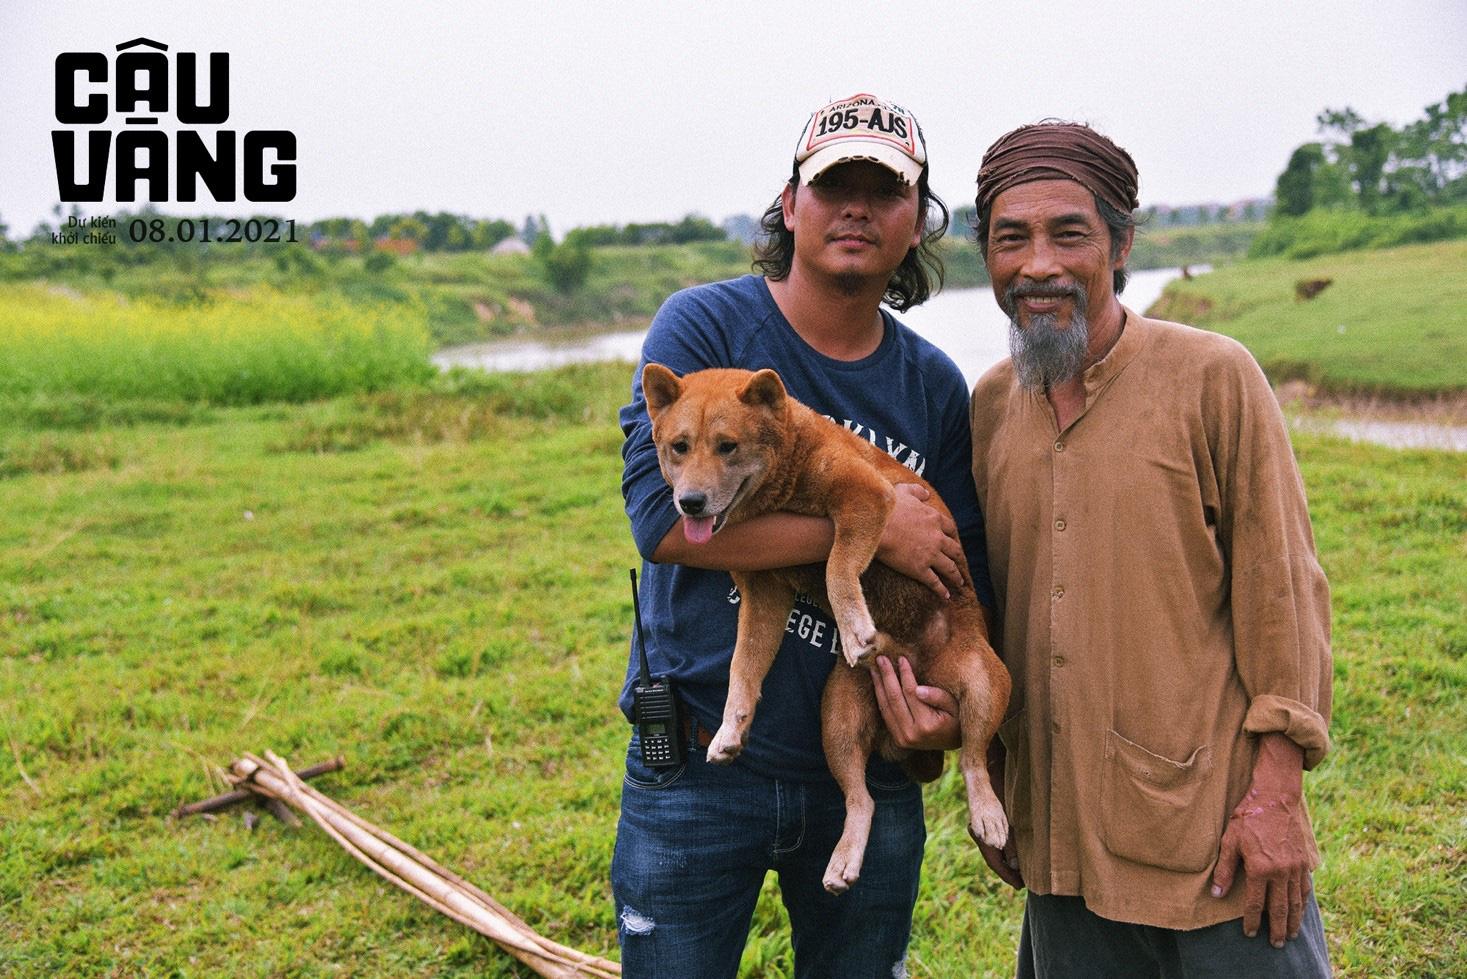 Gây tranh cãi từ khi xuất hiện, chó Shiba đã được huấn luyện thành cậu Vàng như thế nào - Ảnh 1.